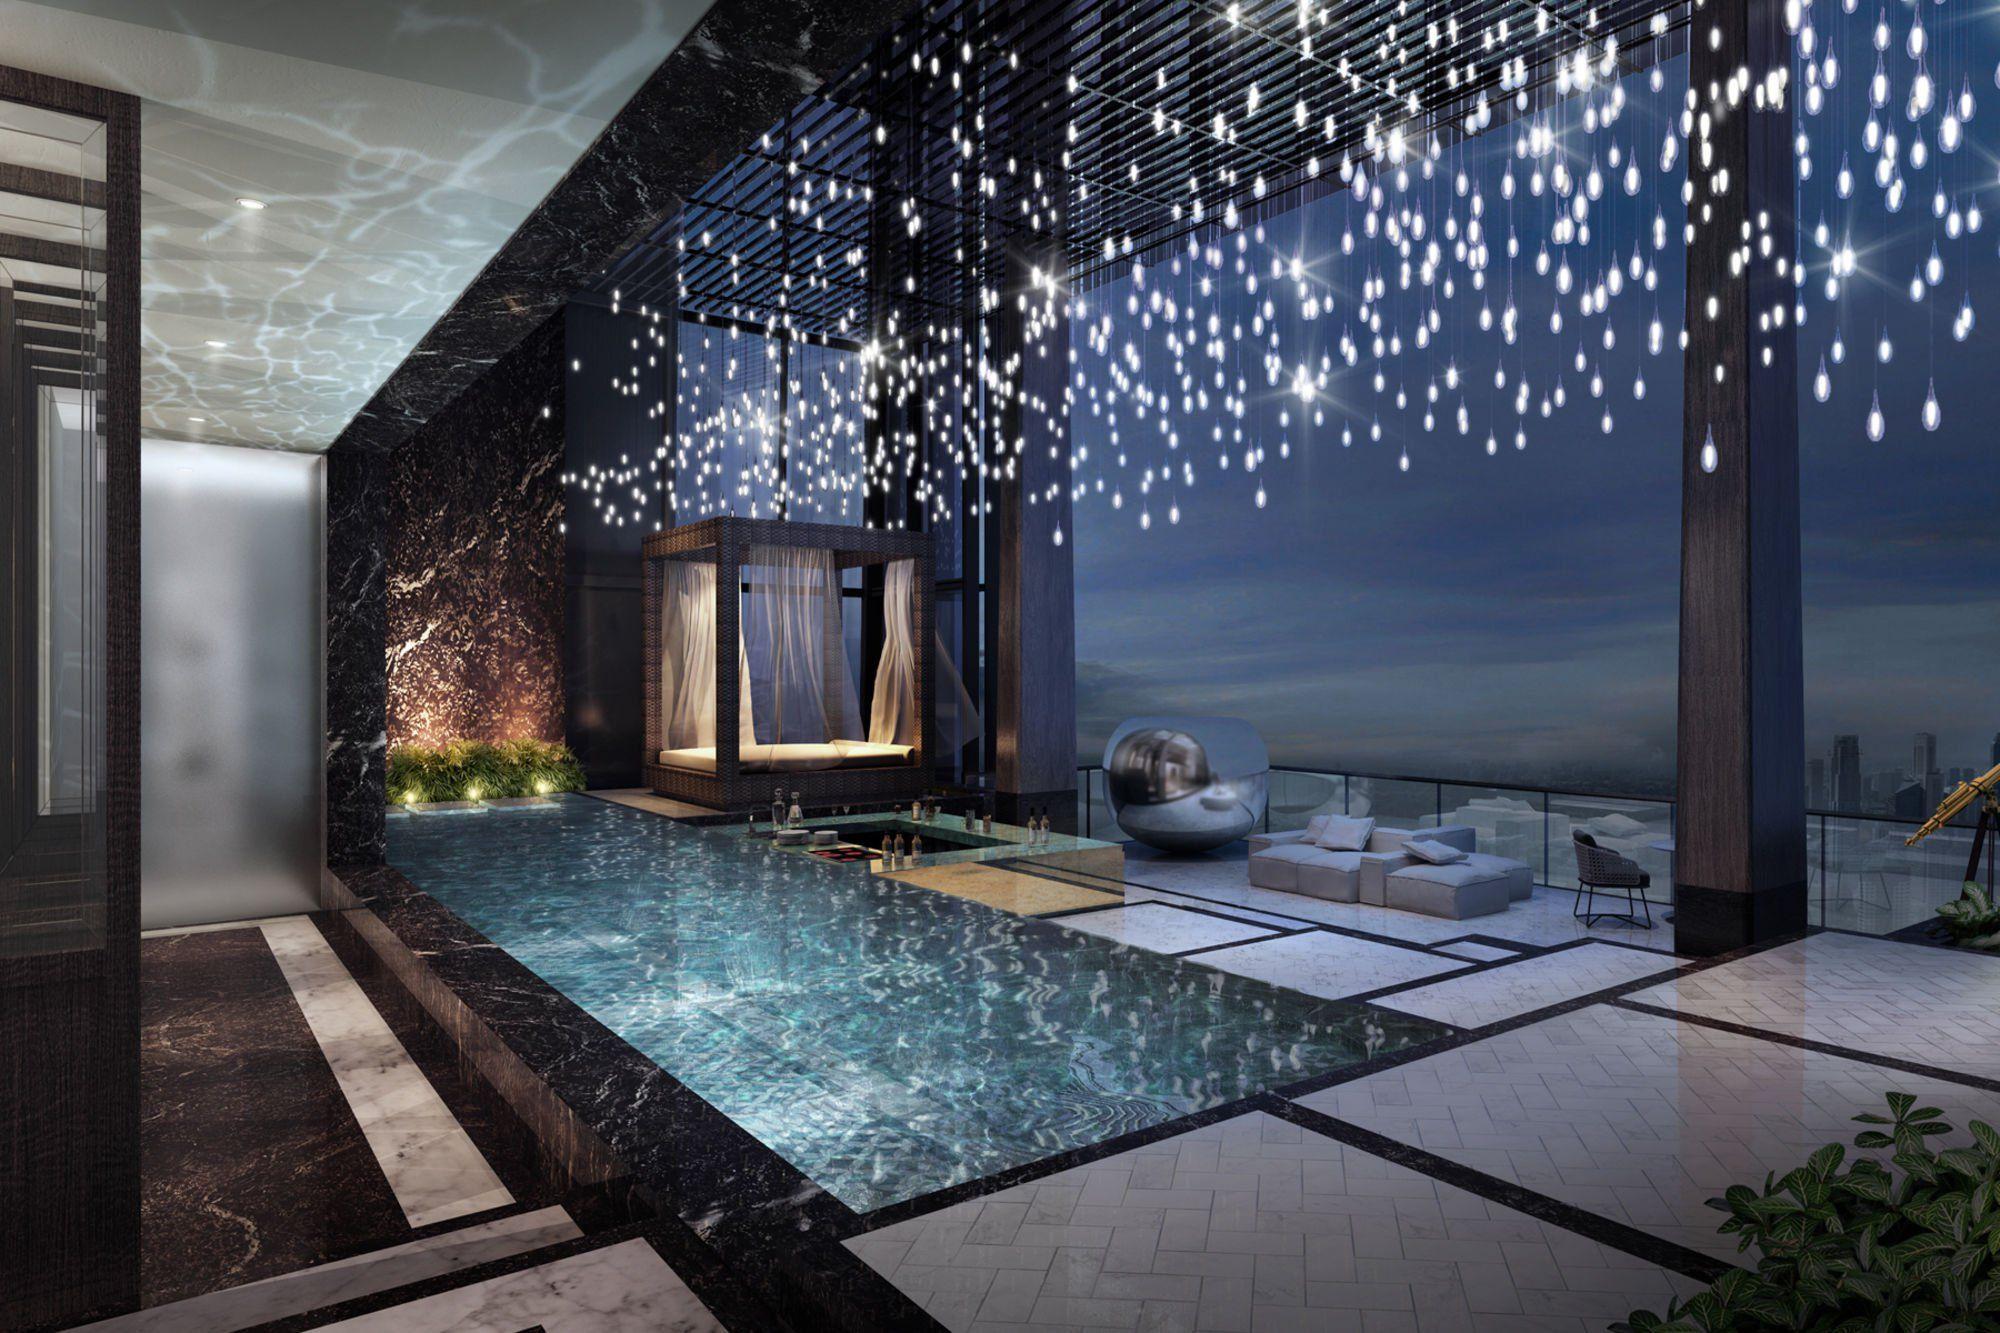 Dự án define quận 2 cảm hứng từ lối sống thượng lưu Monaco